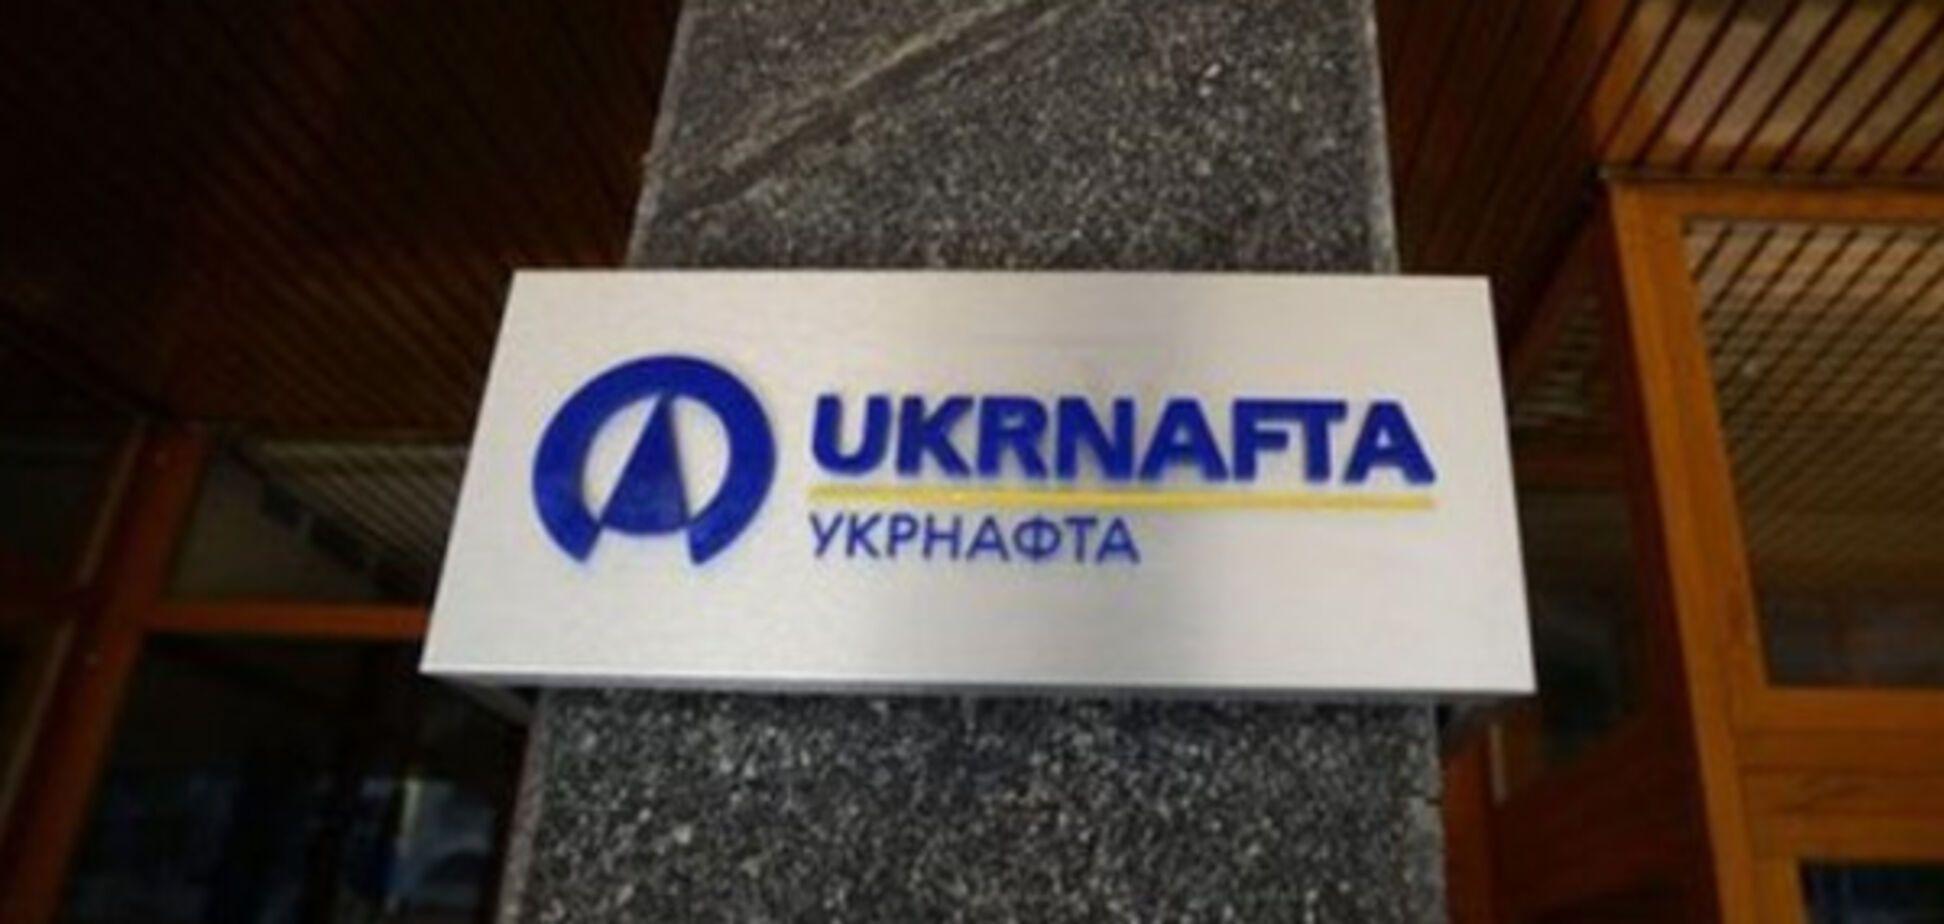 ГПУ обвинила руководство группы 'Приват' и 'Укрнафты' в мошенничестве